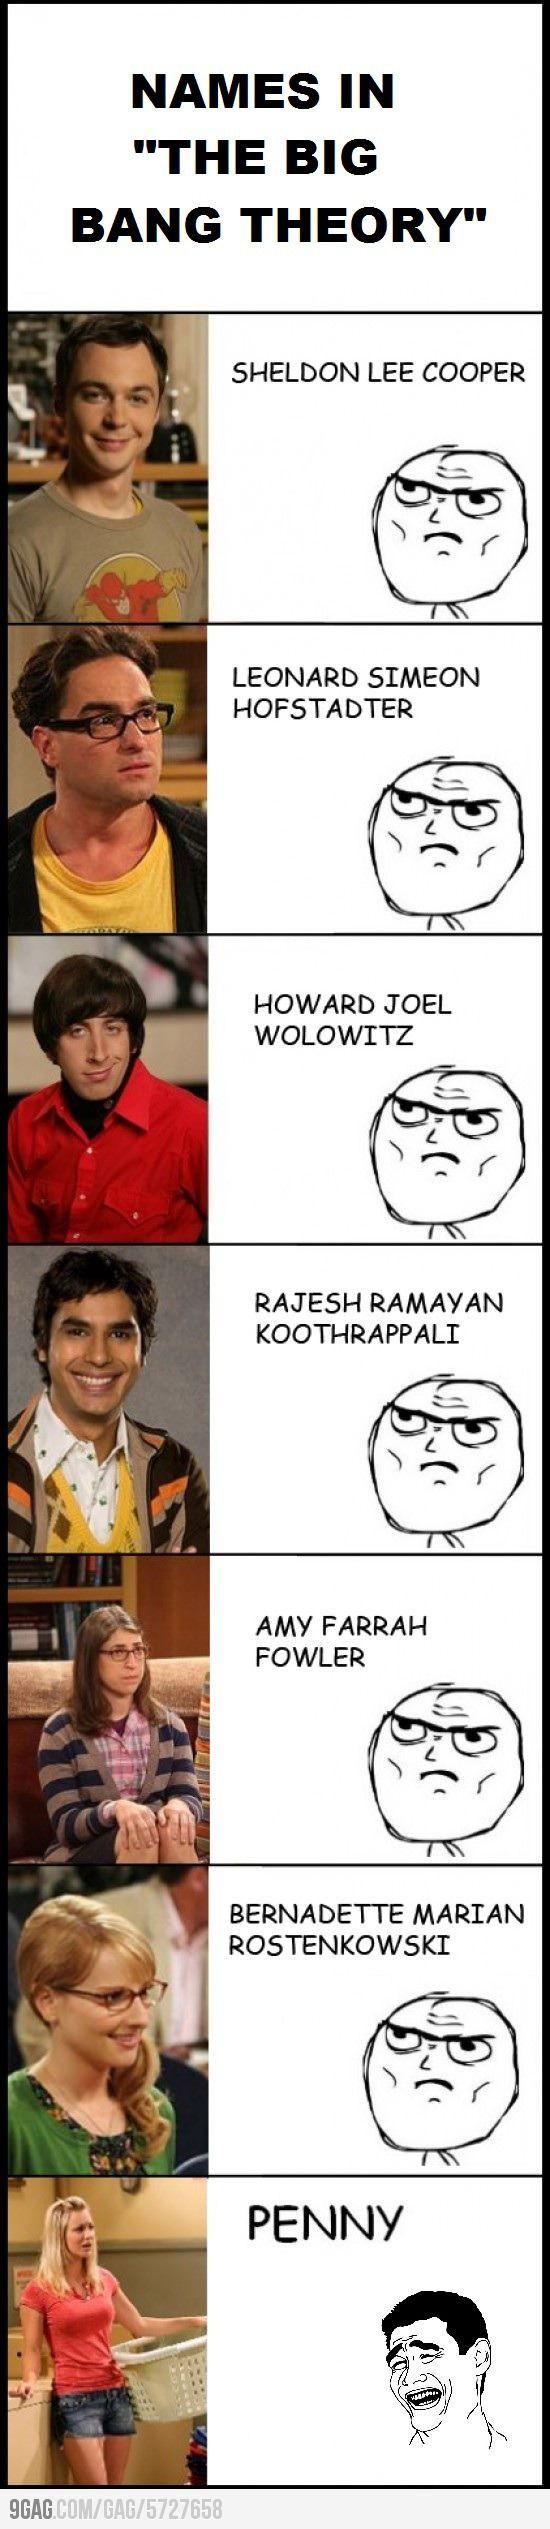 The Big Bang Theory Names